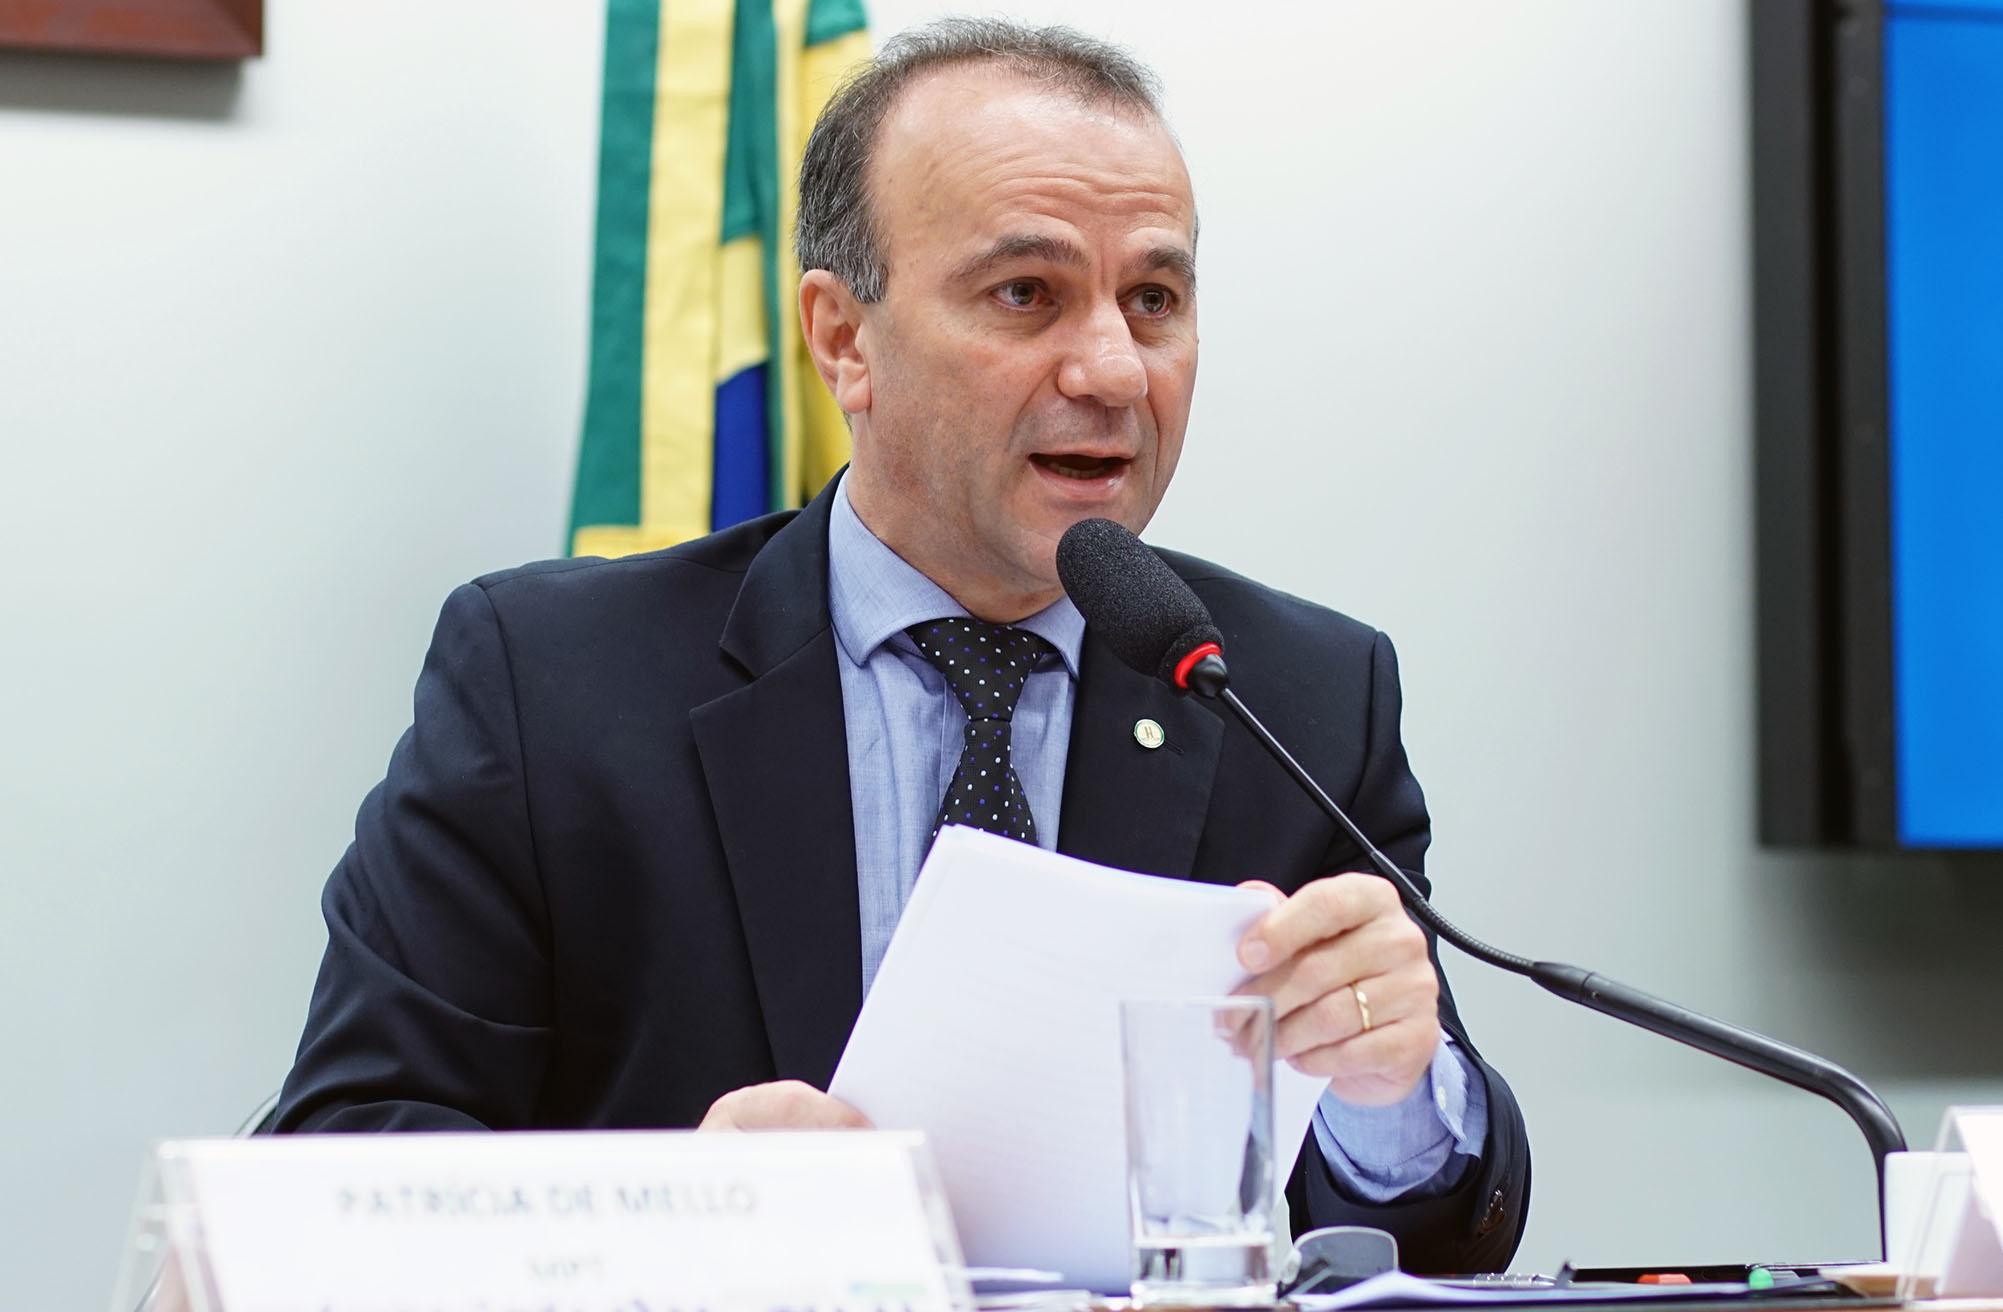 Audiência pública para instruir sobre o PL 2.563/2015, que Institui o monitoramento do uso de trabalho forçado e de trabalho infantil em Estados estrangeiros. Dep. Helder Salomão (PT - ES)